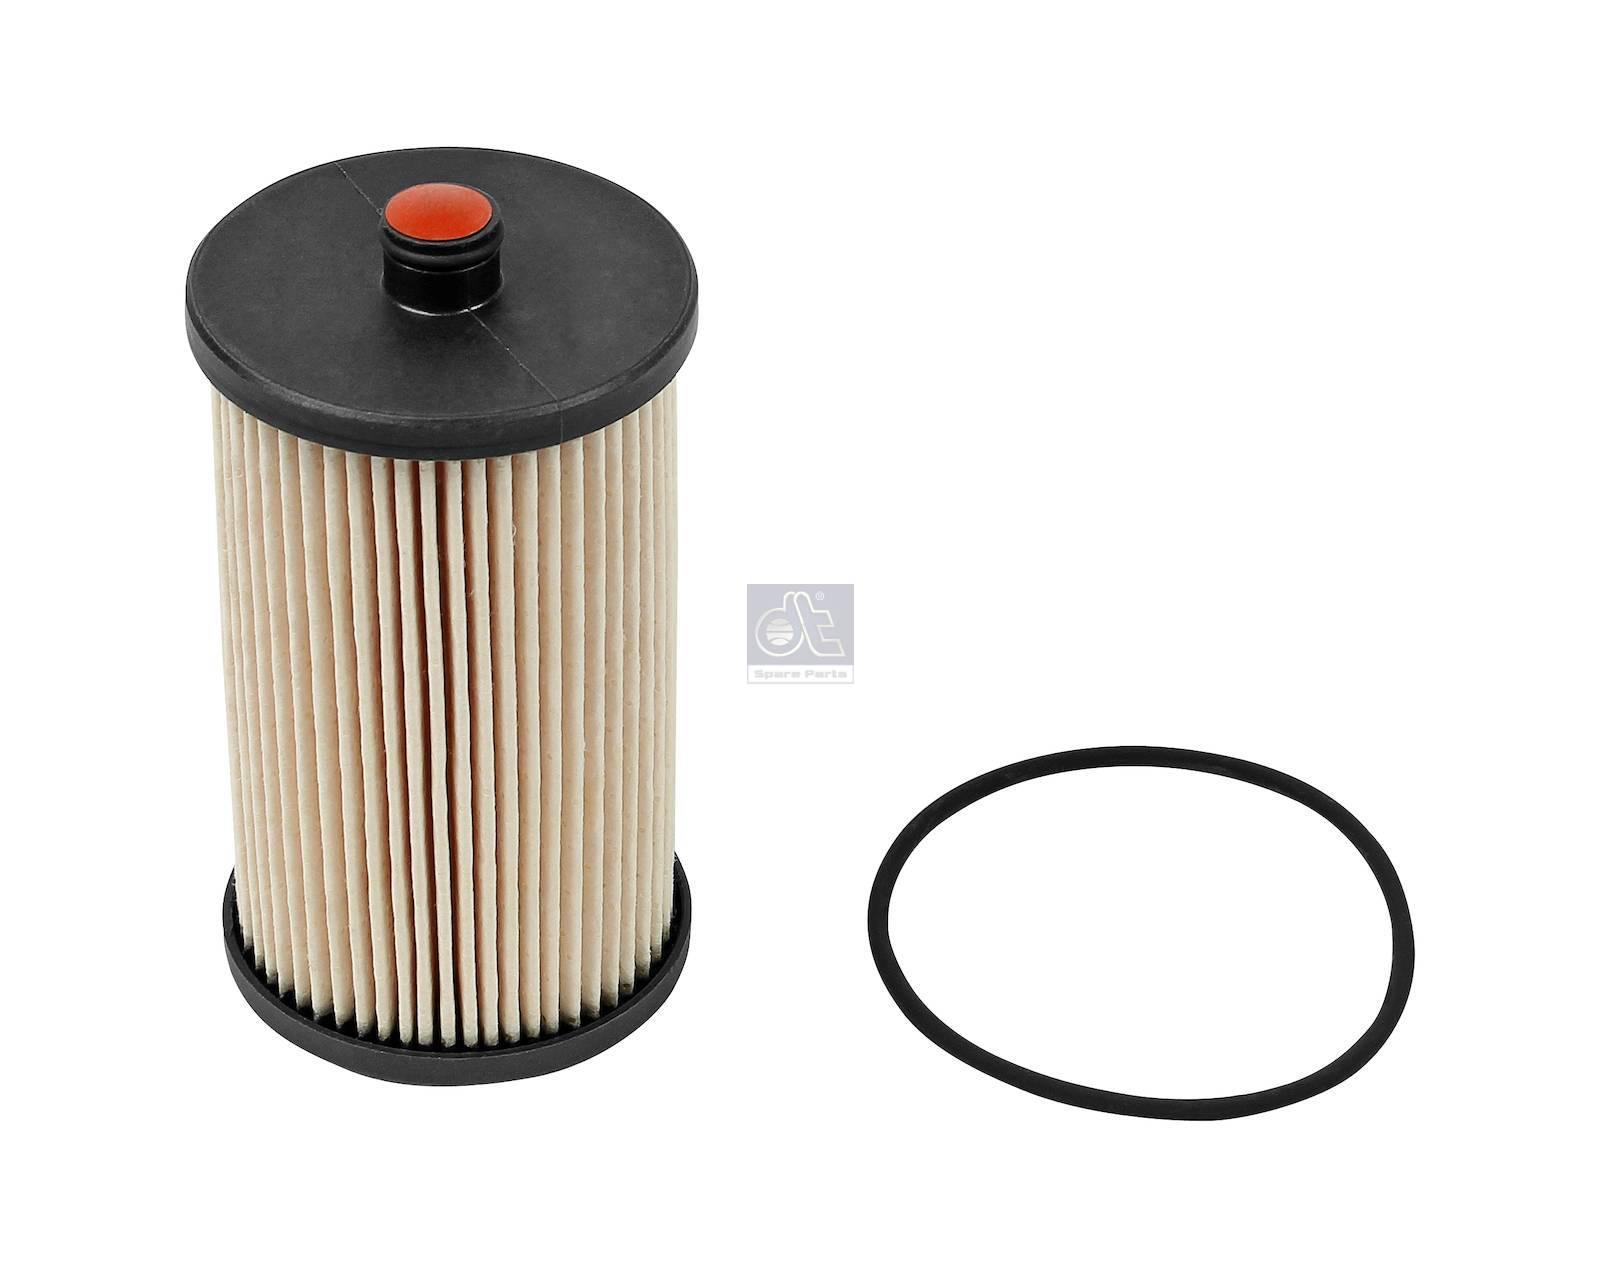 Cartucho de filtro de combustible